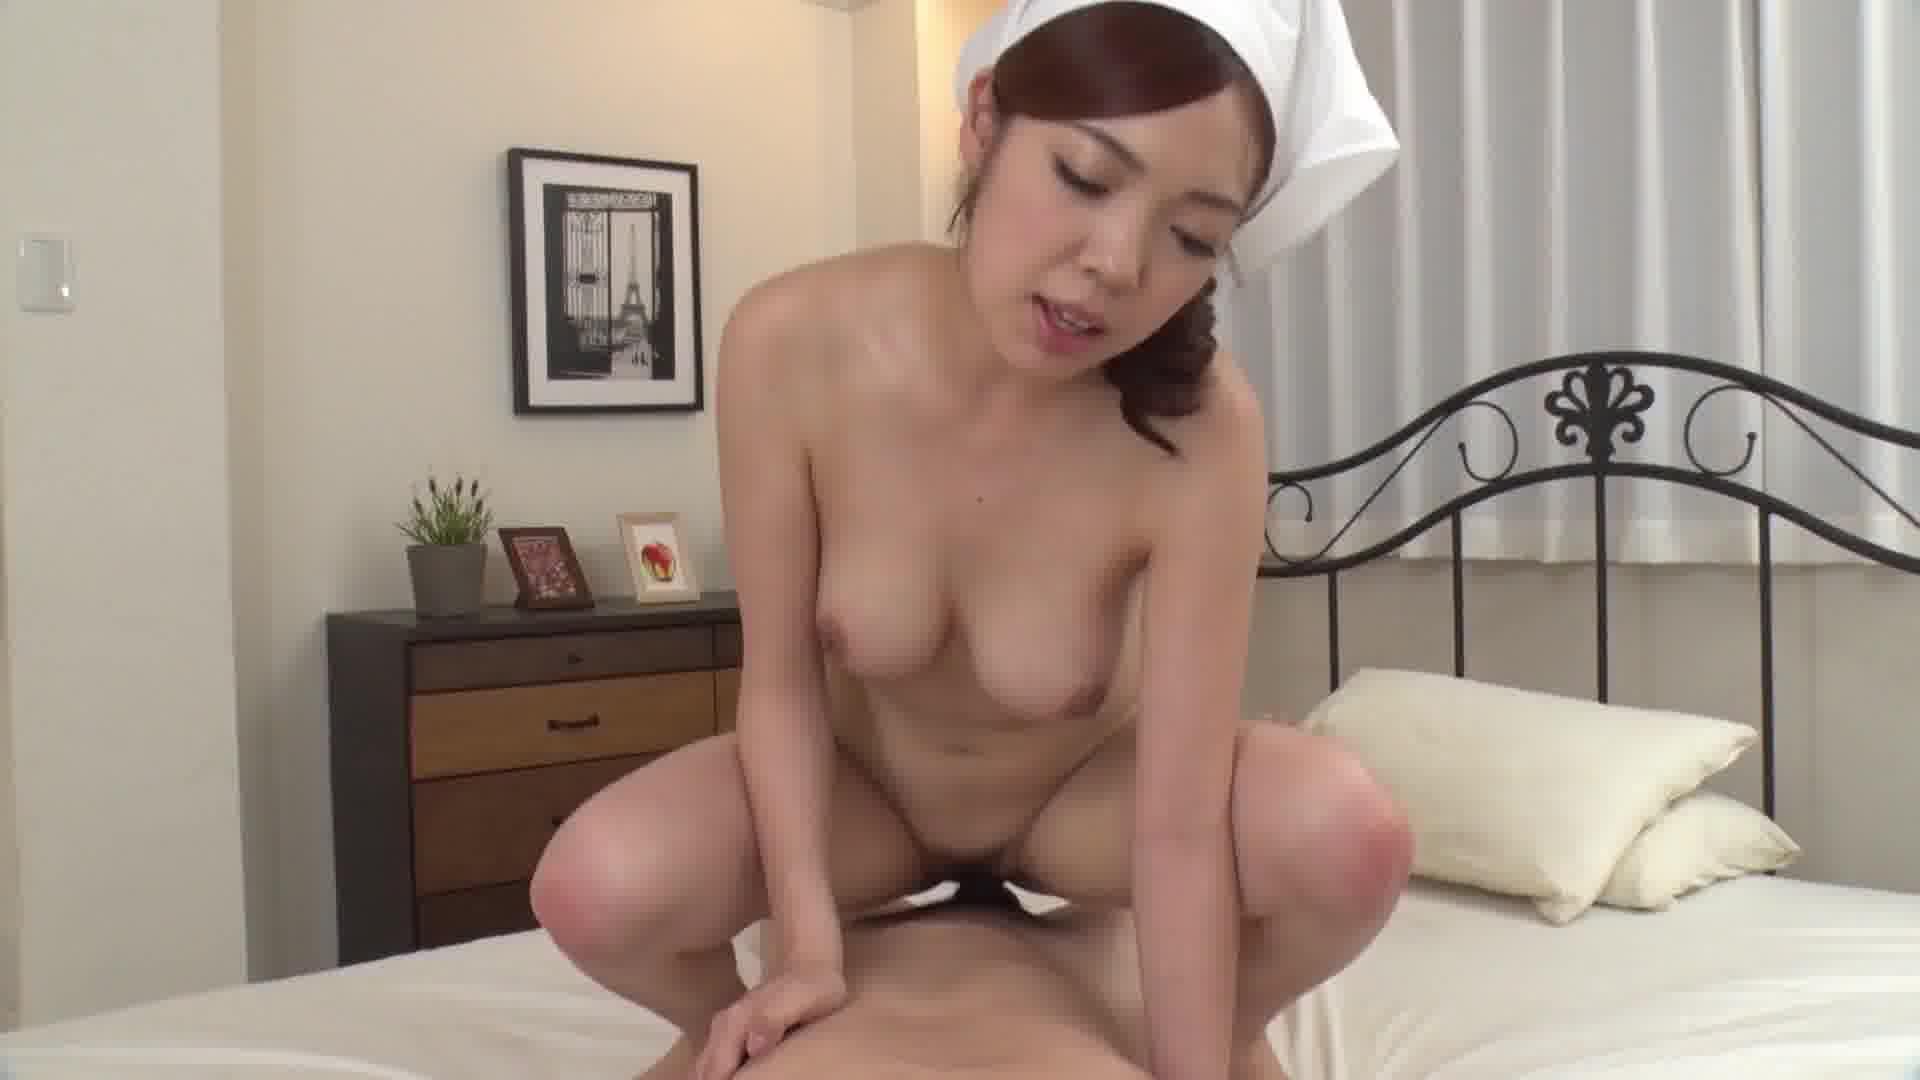 巨乳家政婦 ~満足して頂けるよう全裸で頑張ります~ - 華音【巨乳・パイズリ・メイド】